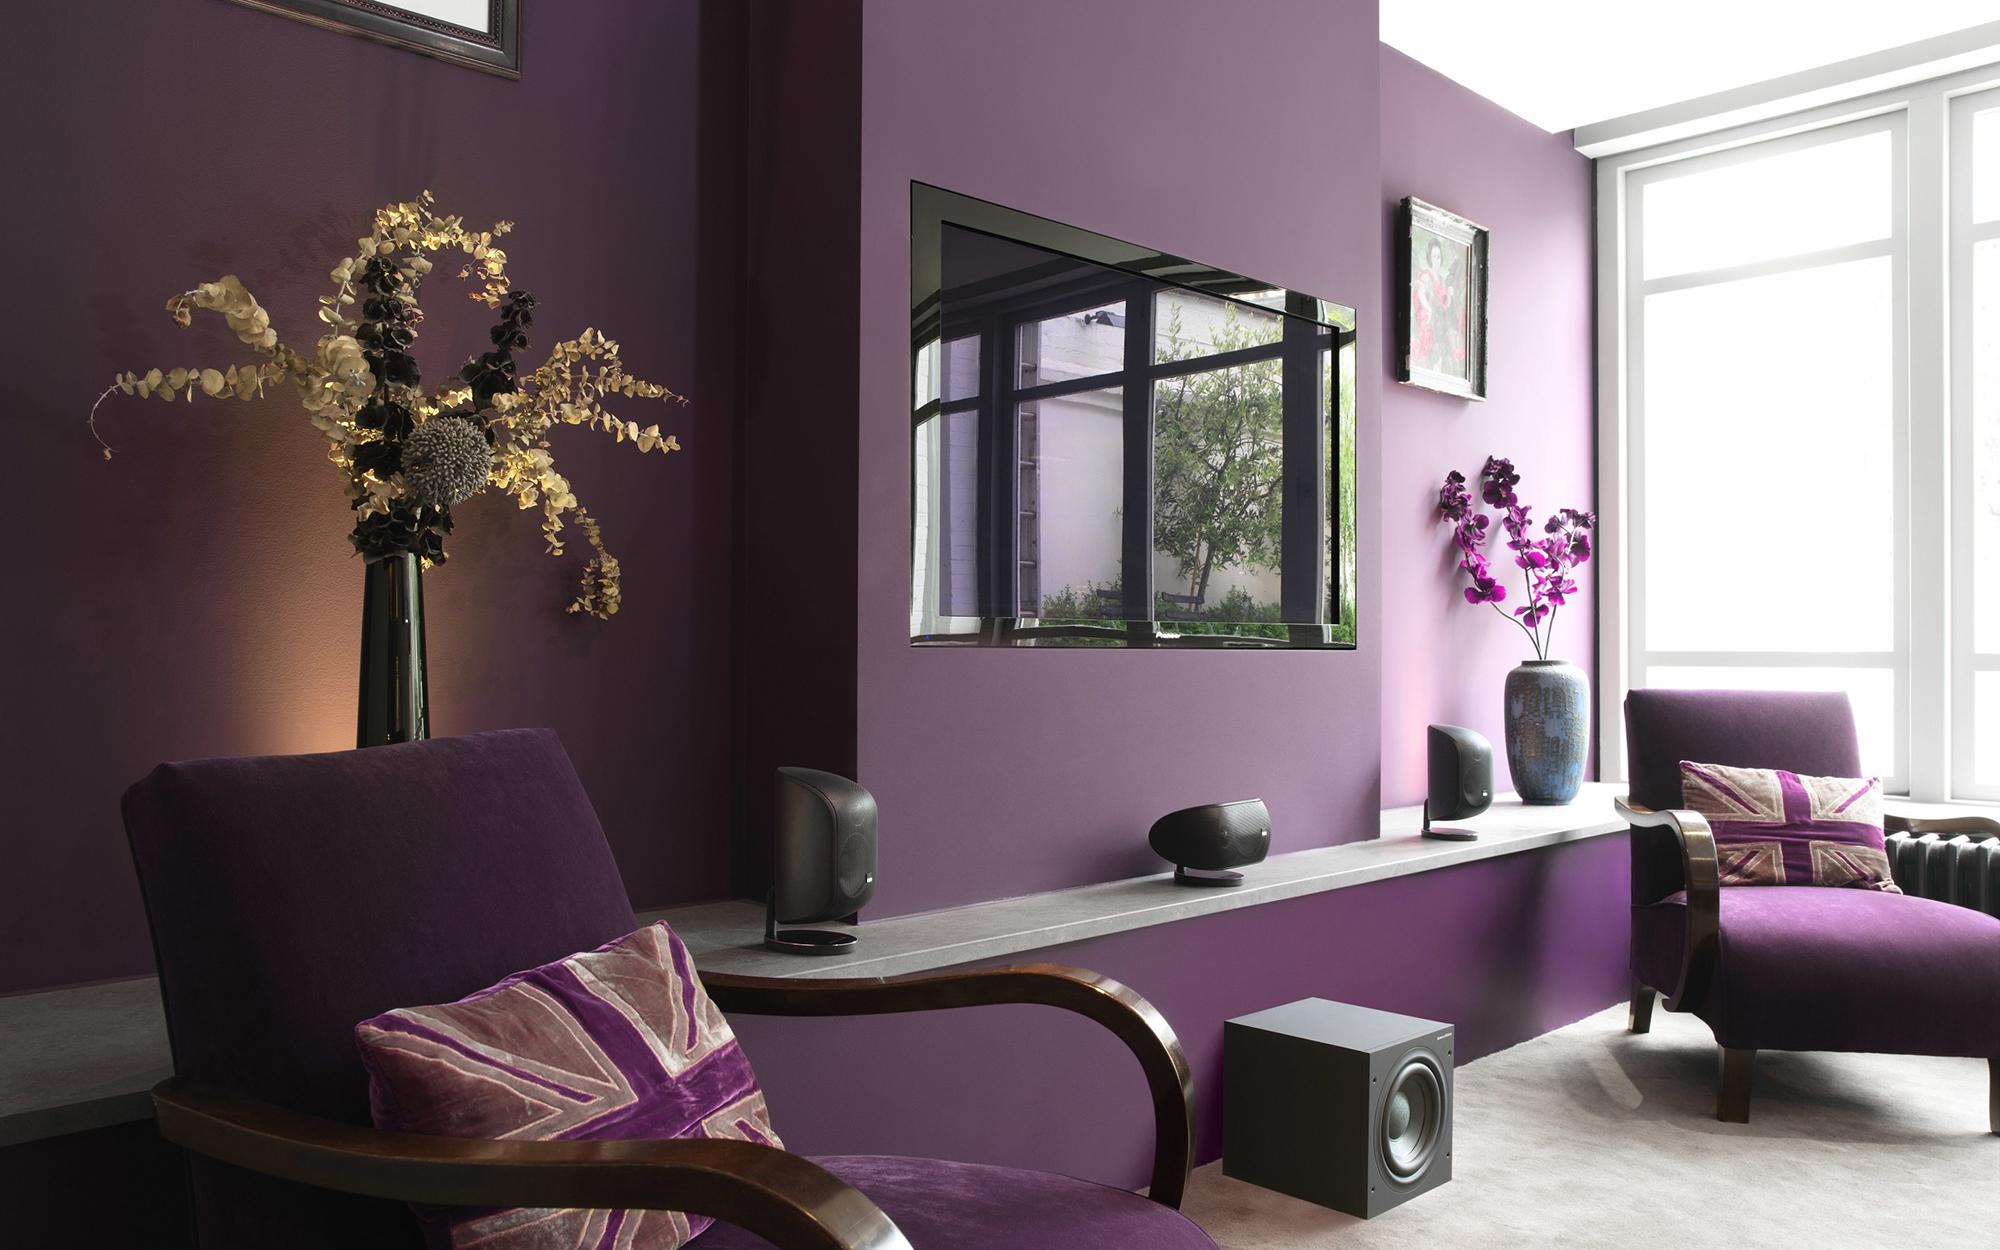 Сиреневый цвет в интерьере (34 фото): модные оттенки и сочетания